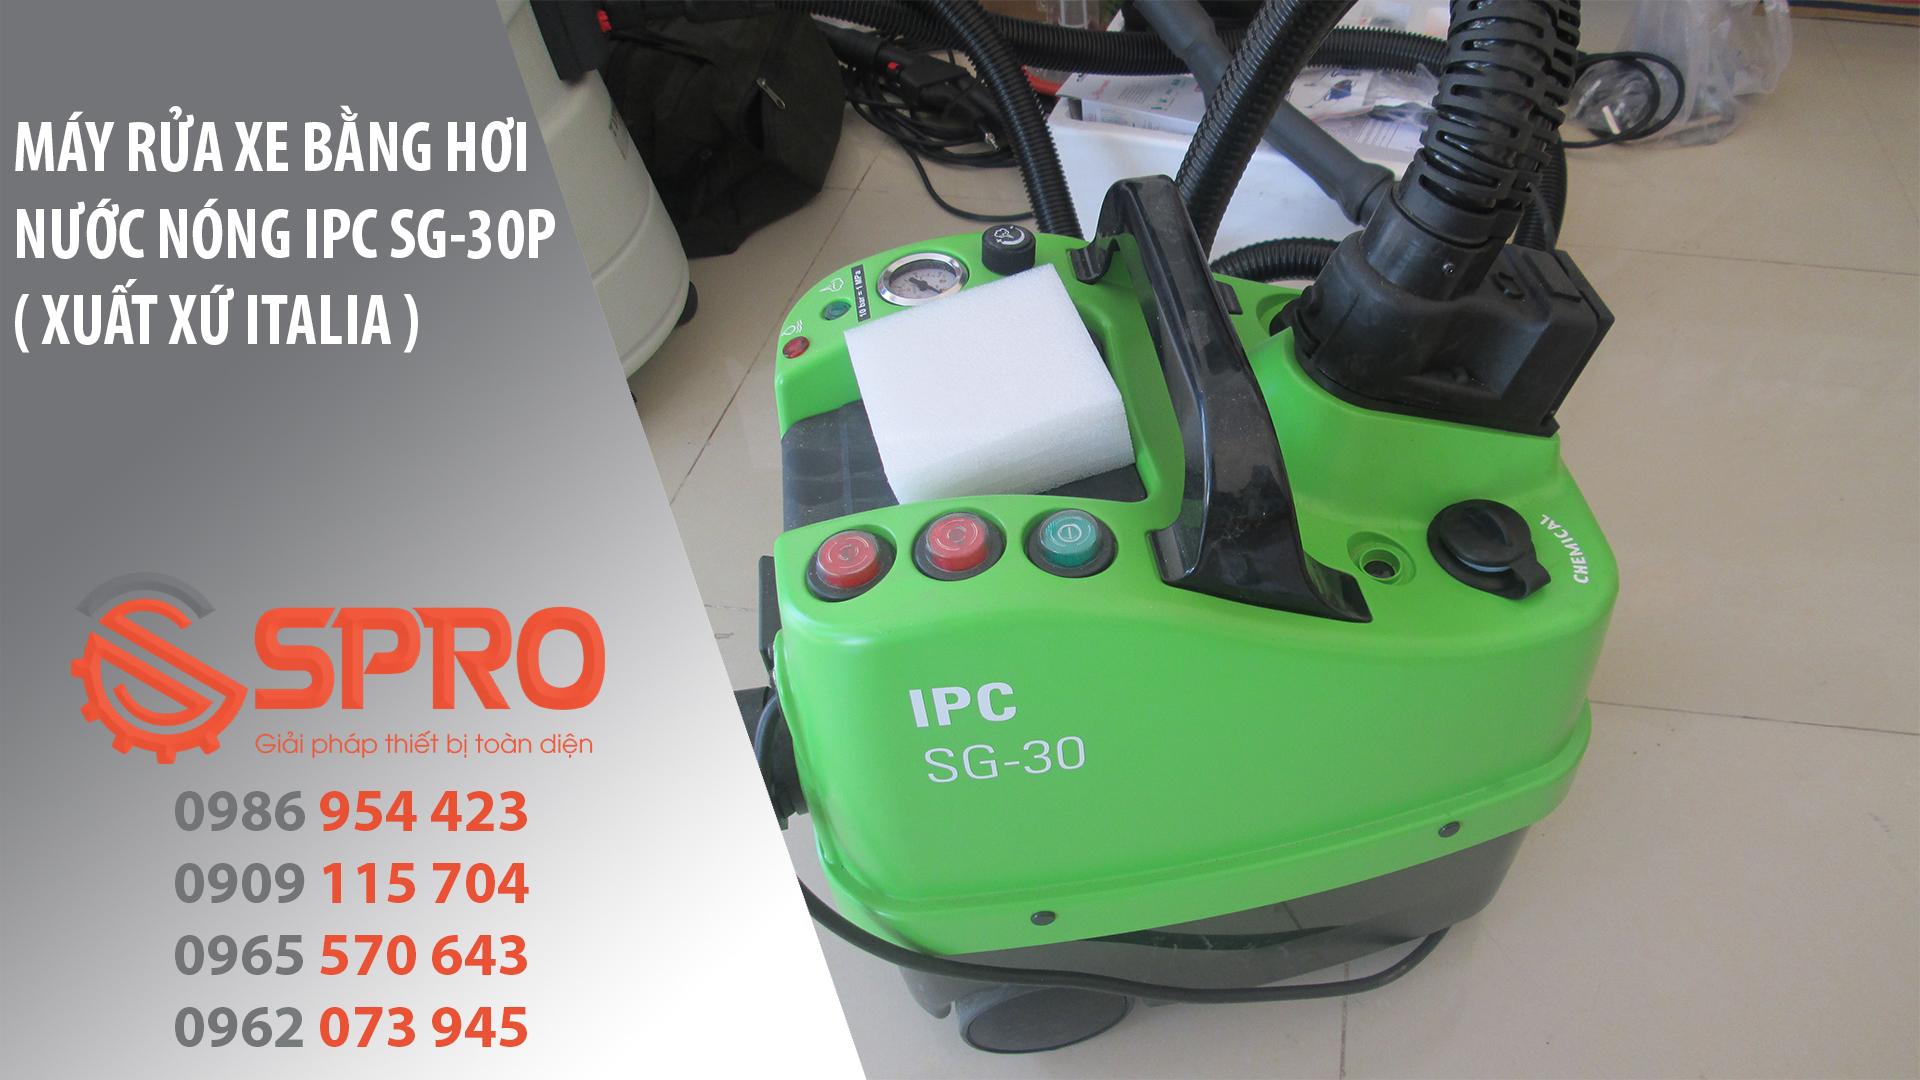 Máy rửa xe bằng hơi nước nóng IPC SG-30